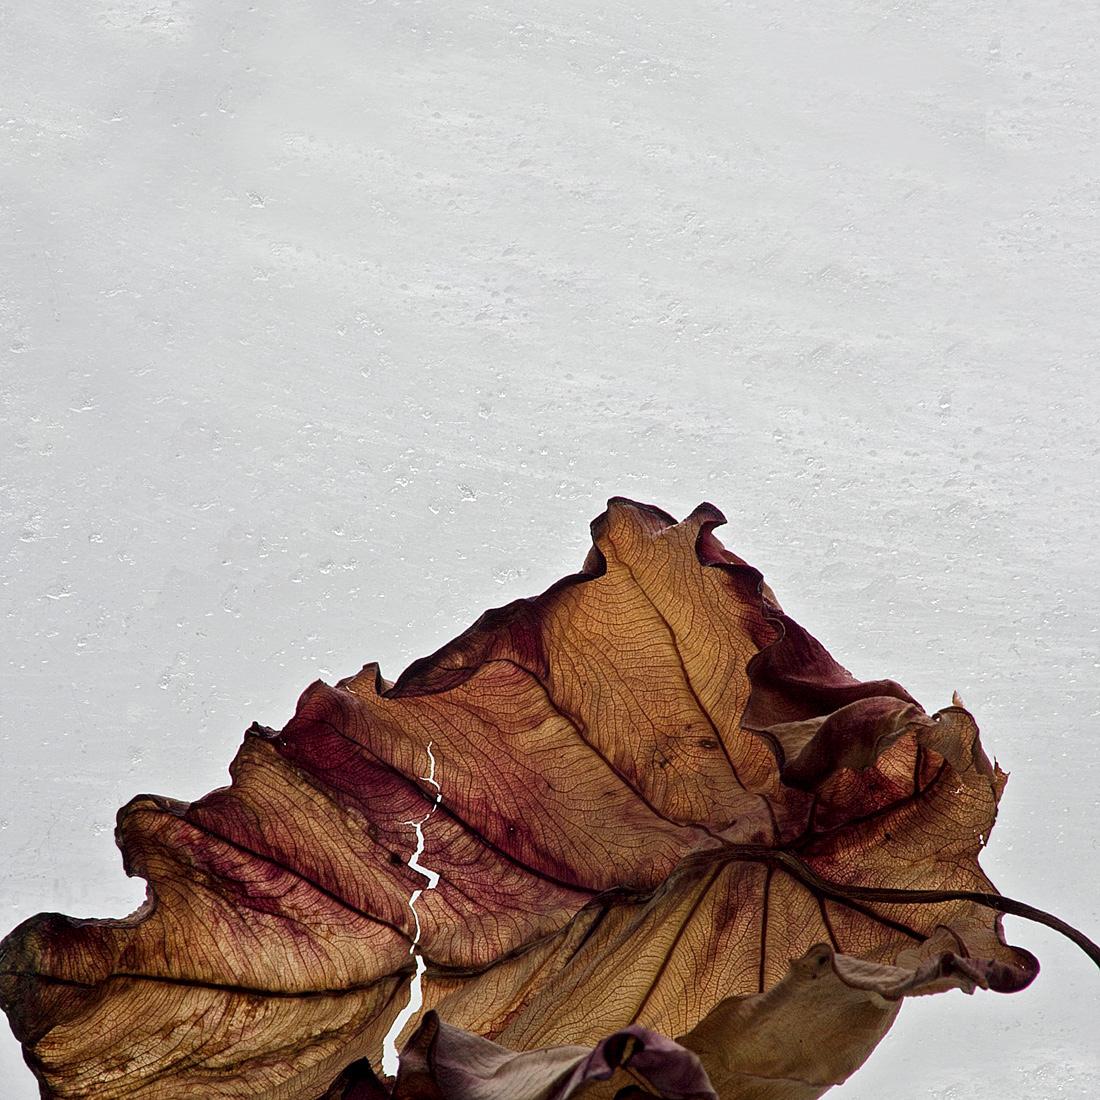 Botanical WW 036a, 2011